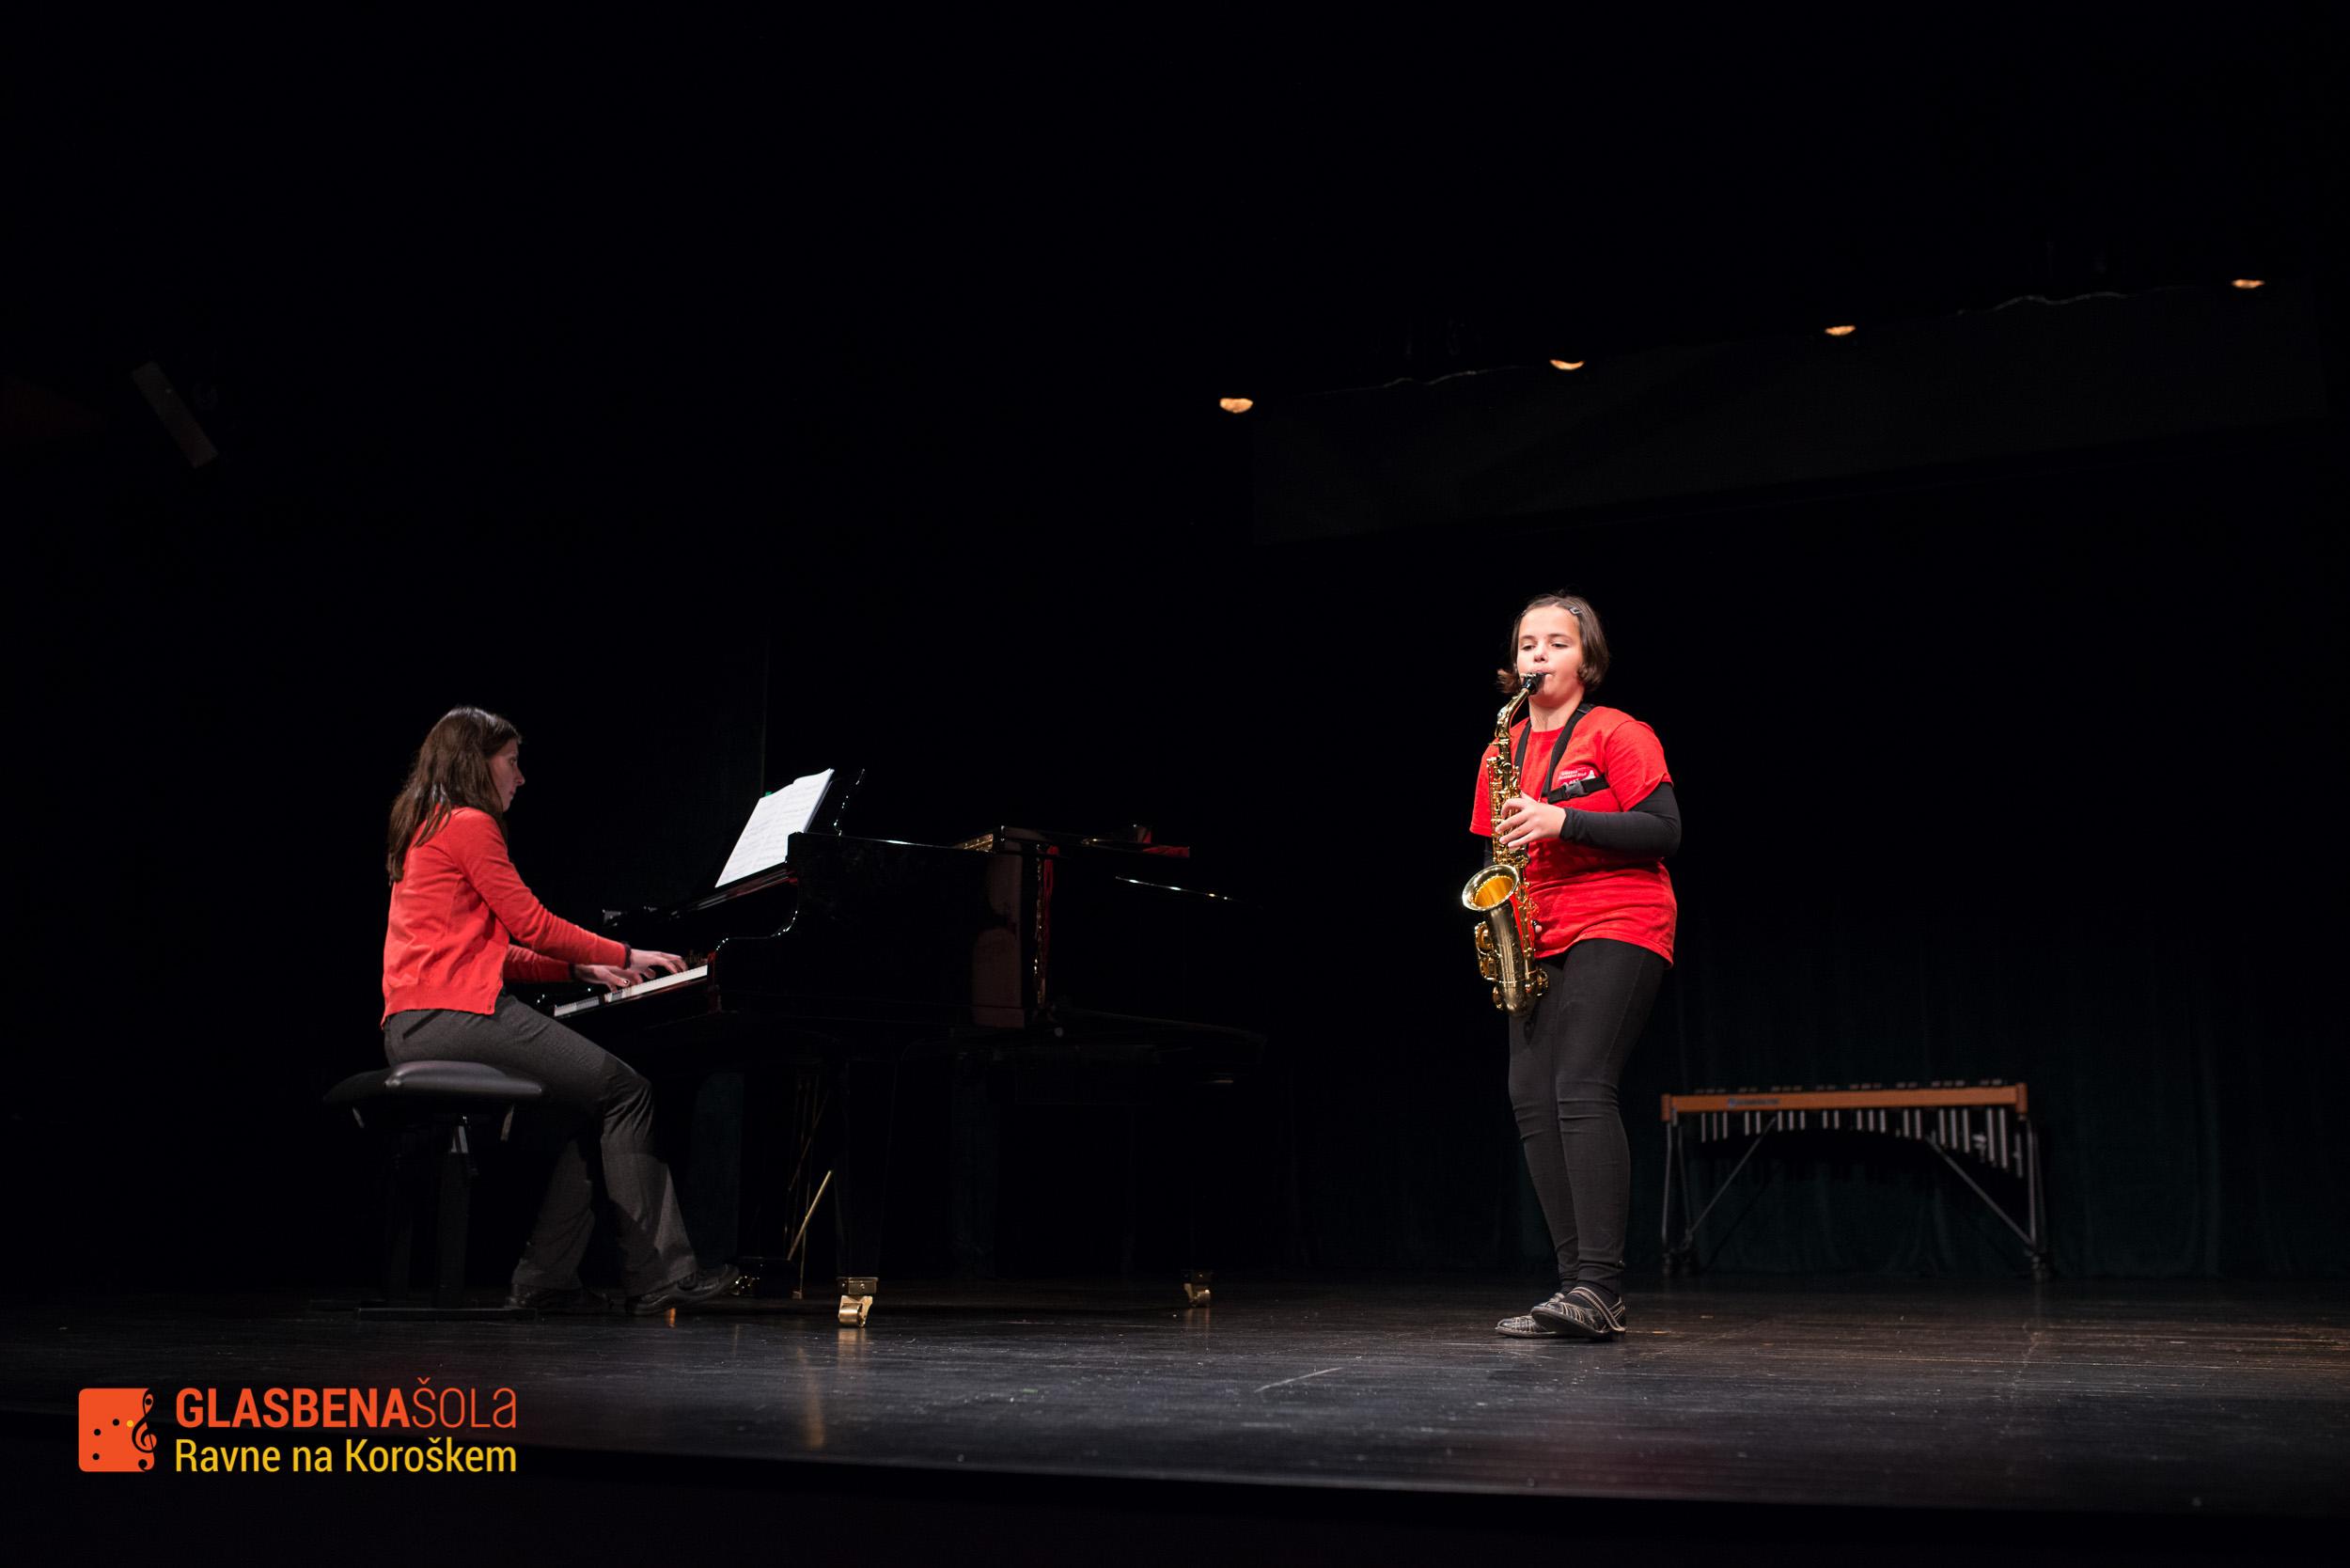 koncert-08-11-2014-5